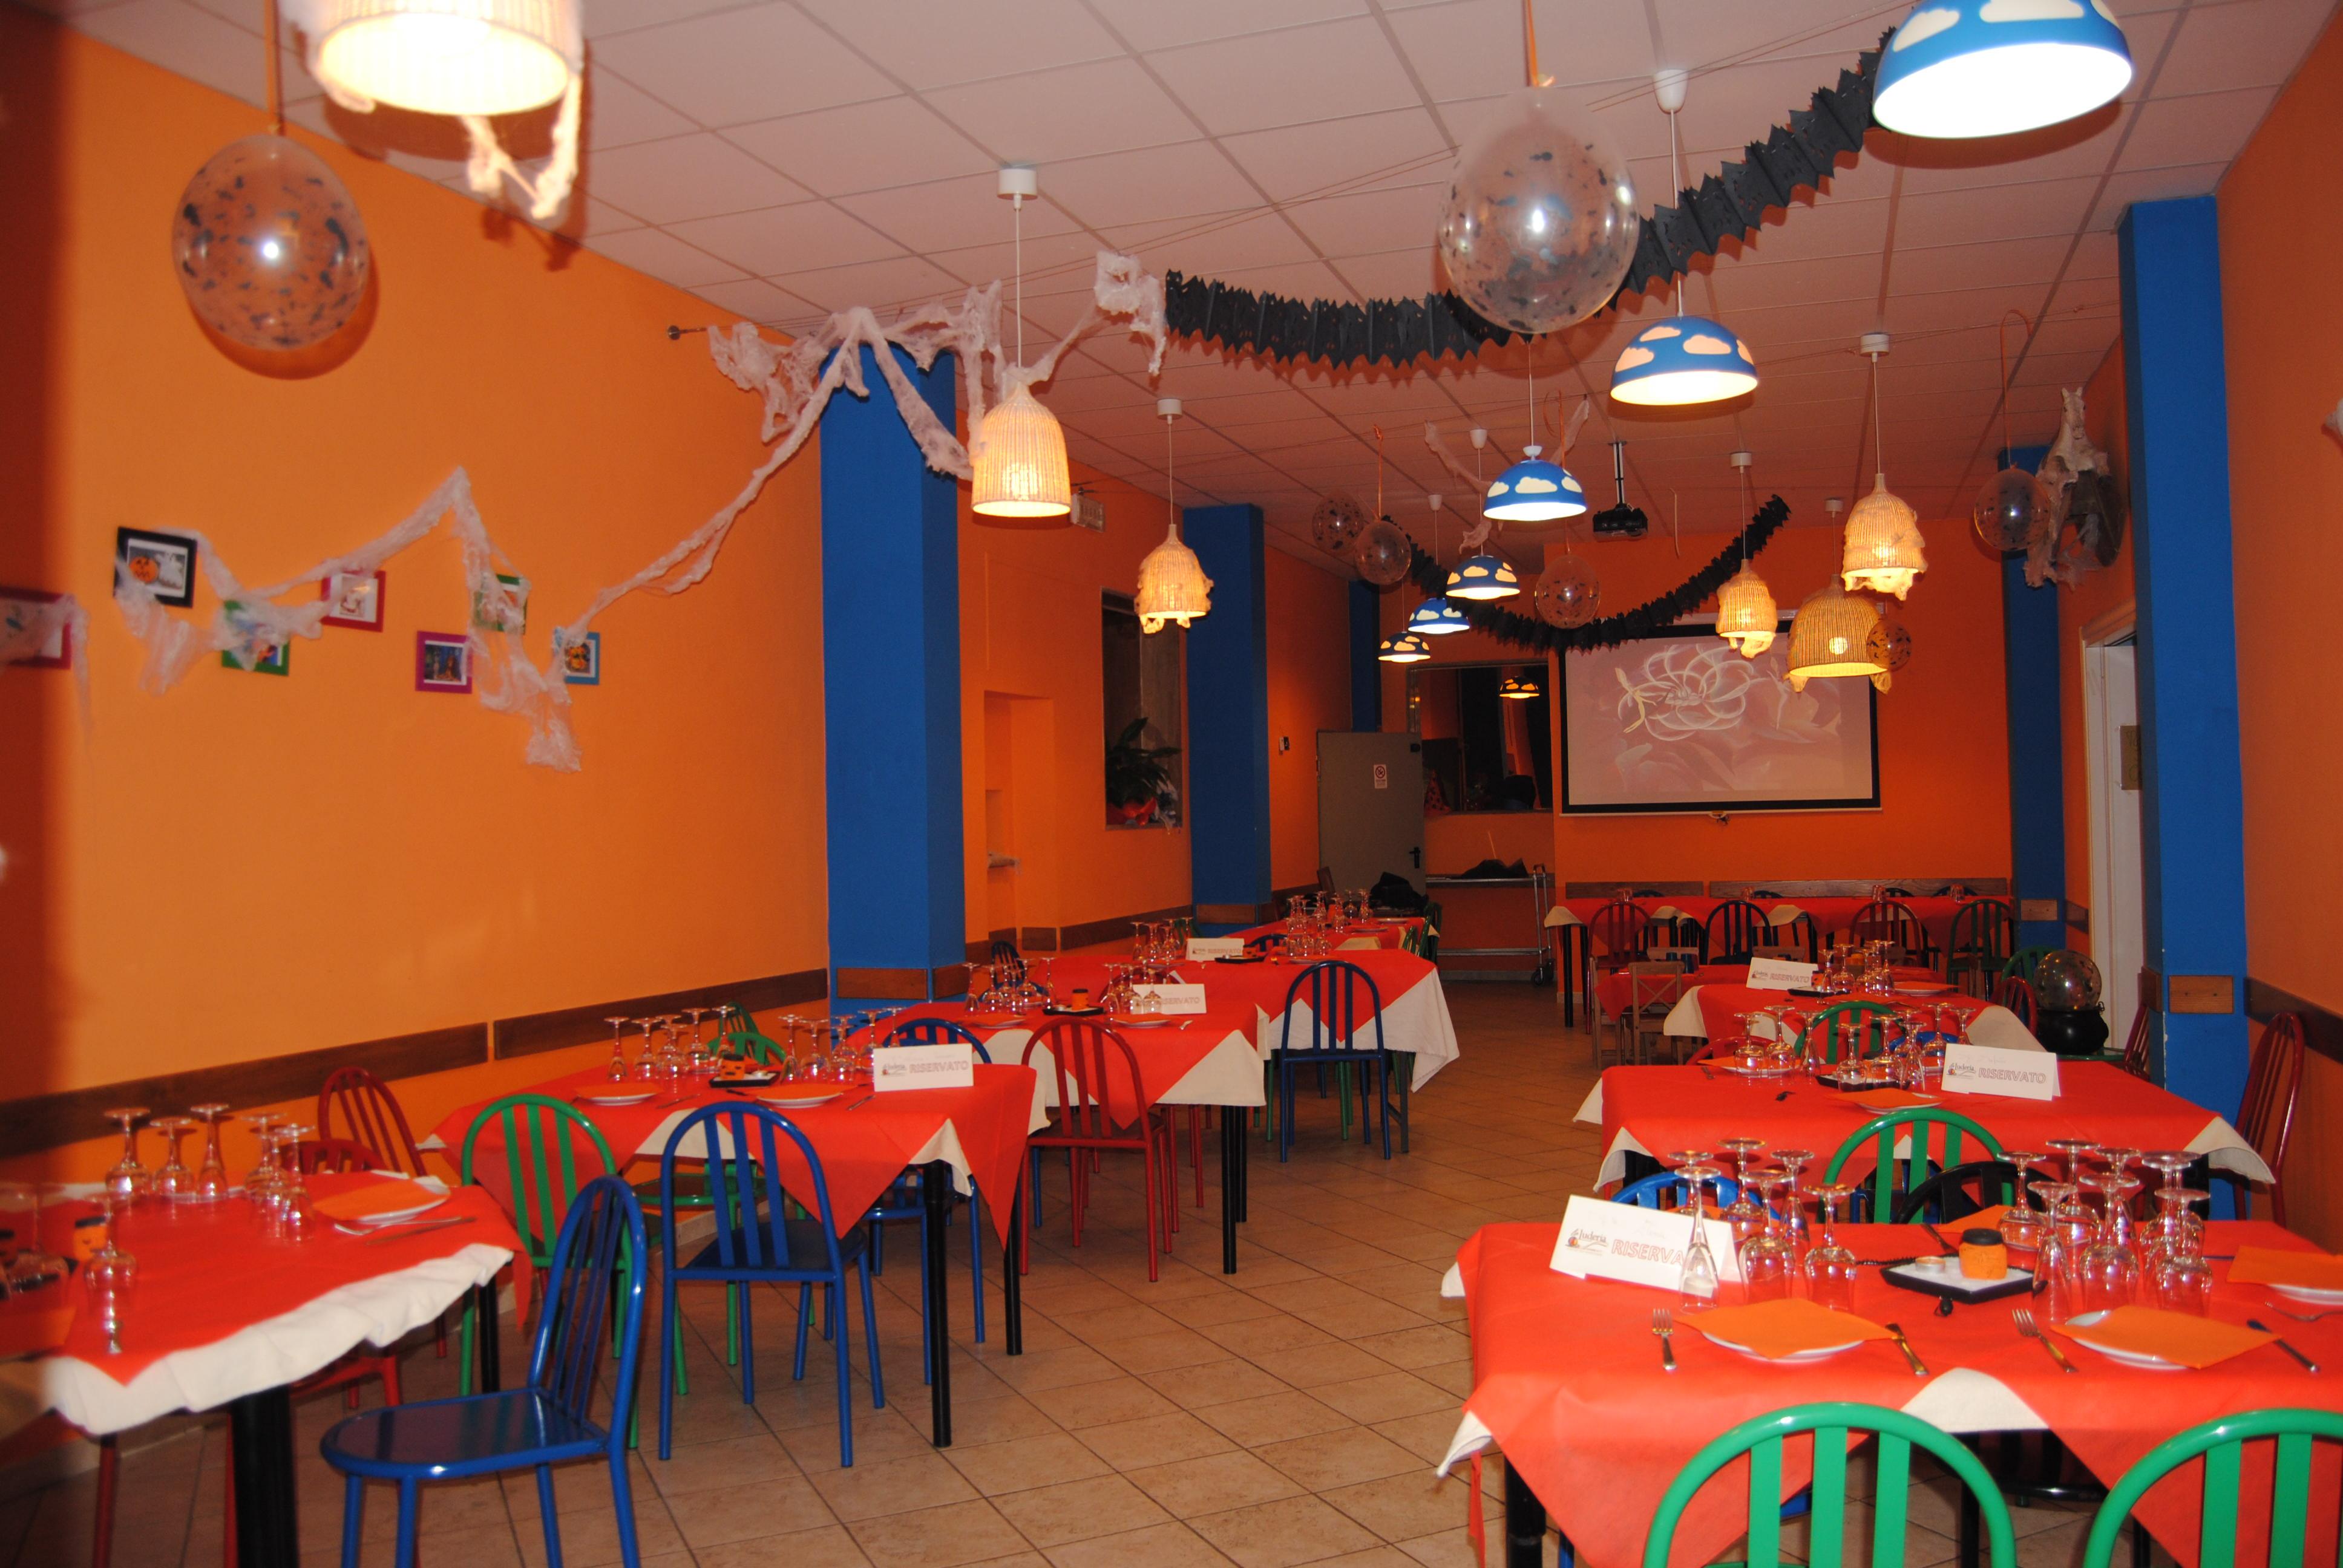 Fotogallery festoni e tanti colori al ristorante pizzeria la luderia siena news - Ristorante la finestra siena ...